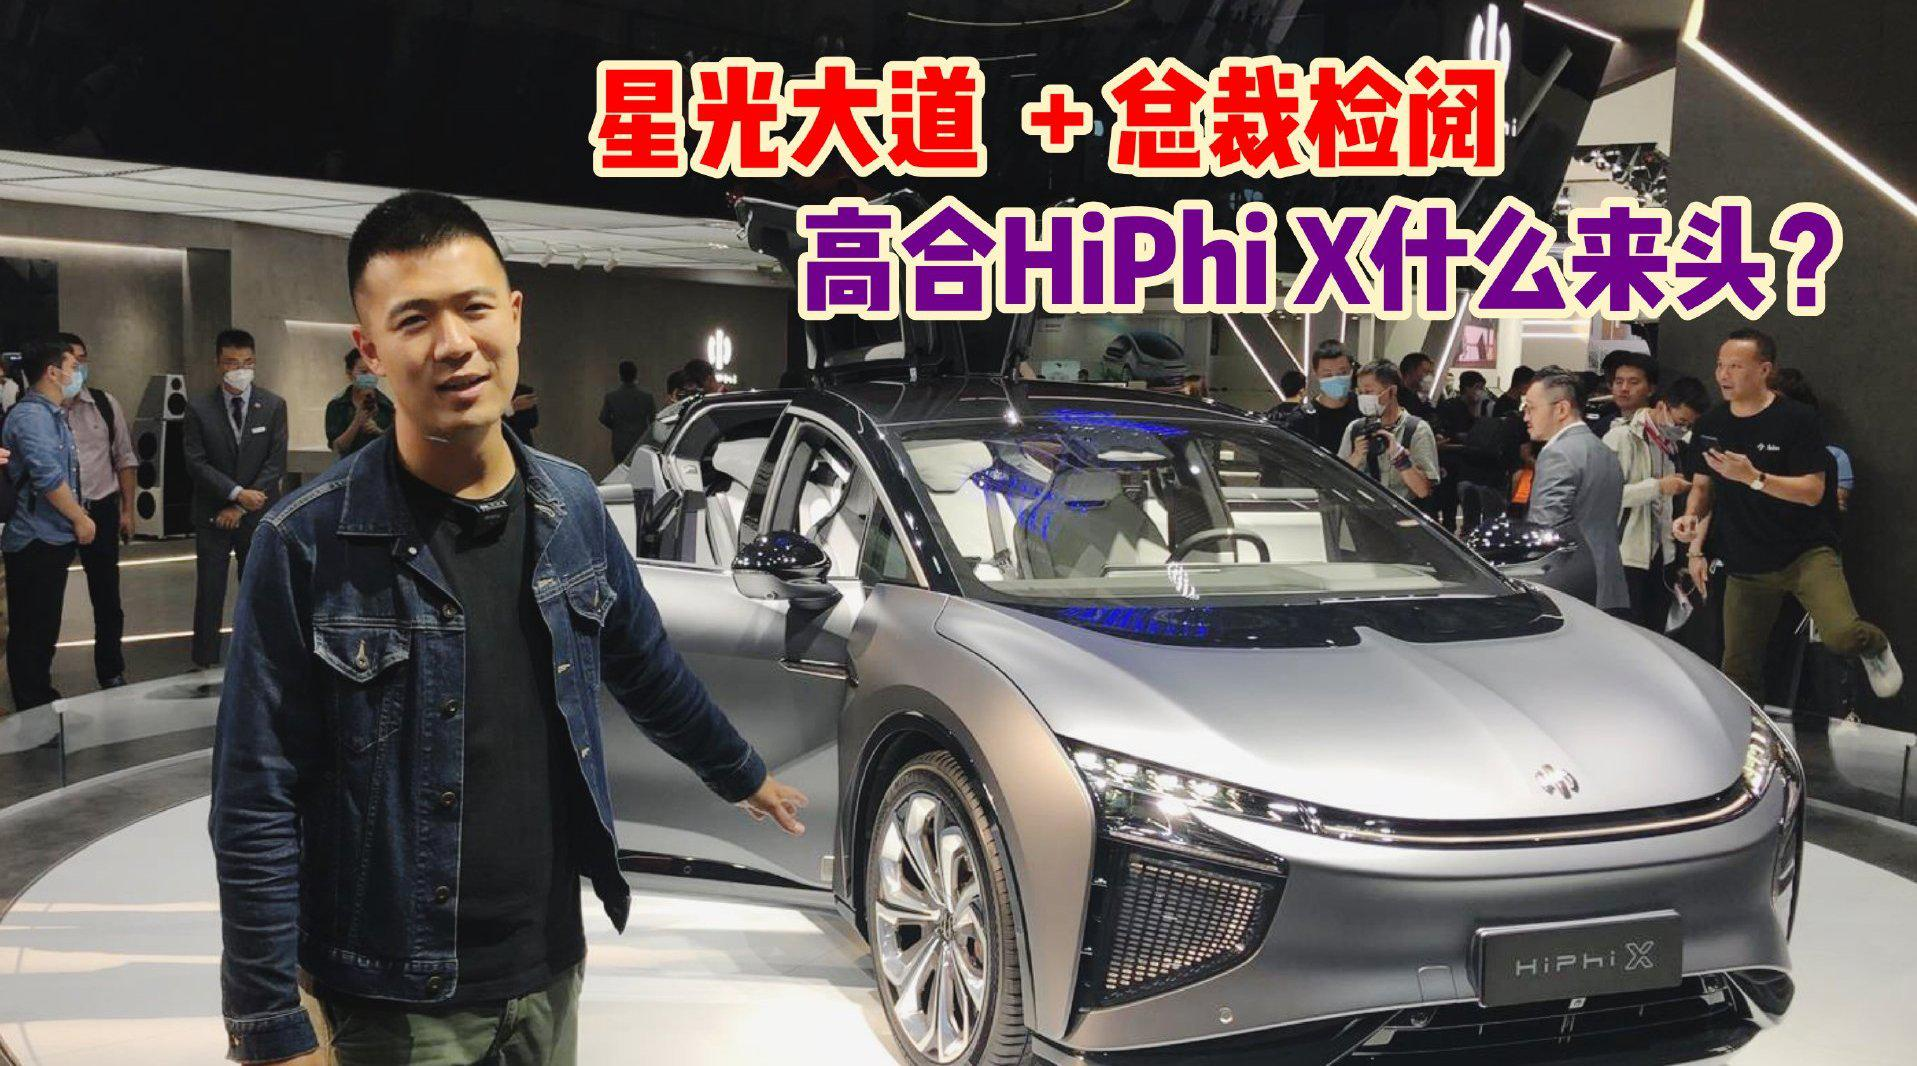 星光大道?总裁检阅?这辆高合HiPhi X到底是个什么车?